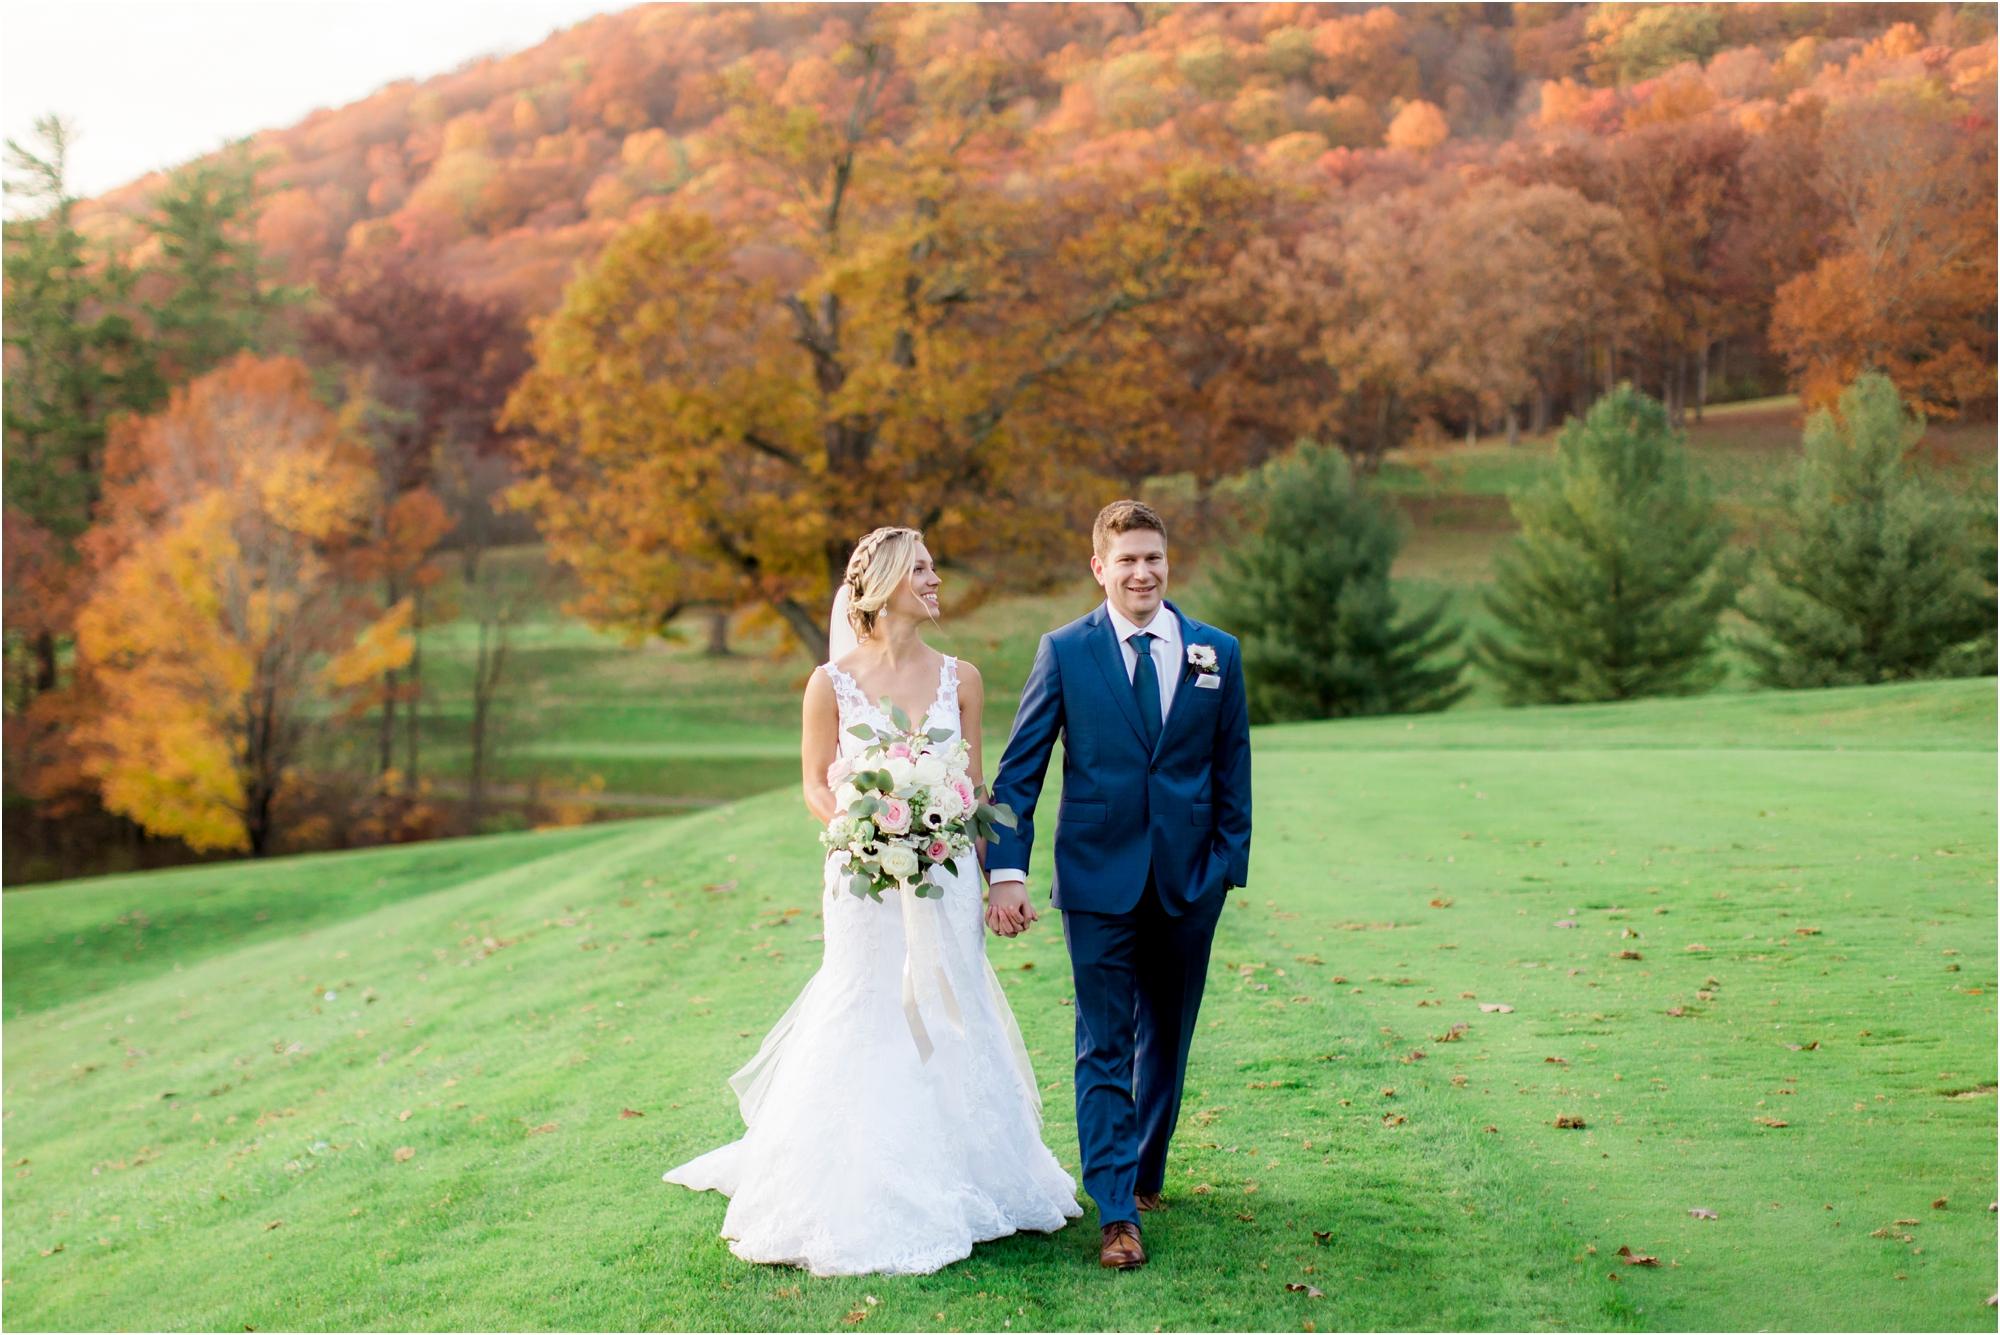 brooke-ilya-fall-virginia-omni-homestead-resort-wedding-photos_0044.jpg